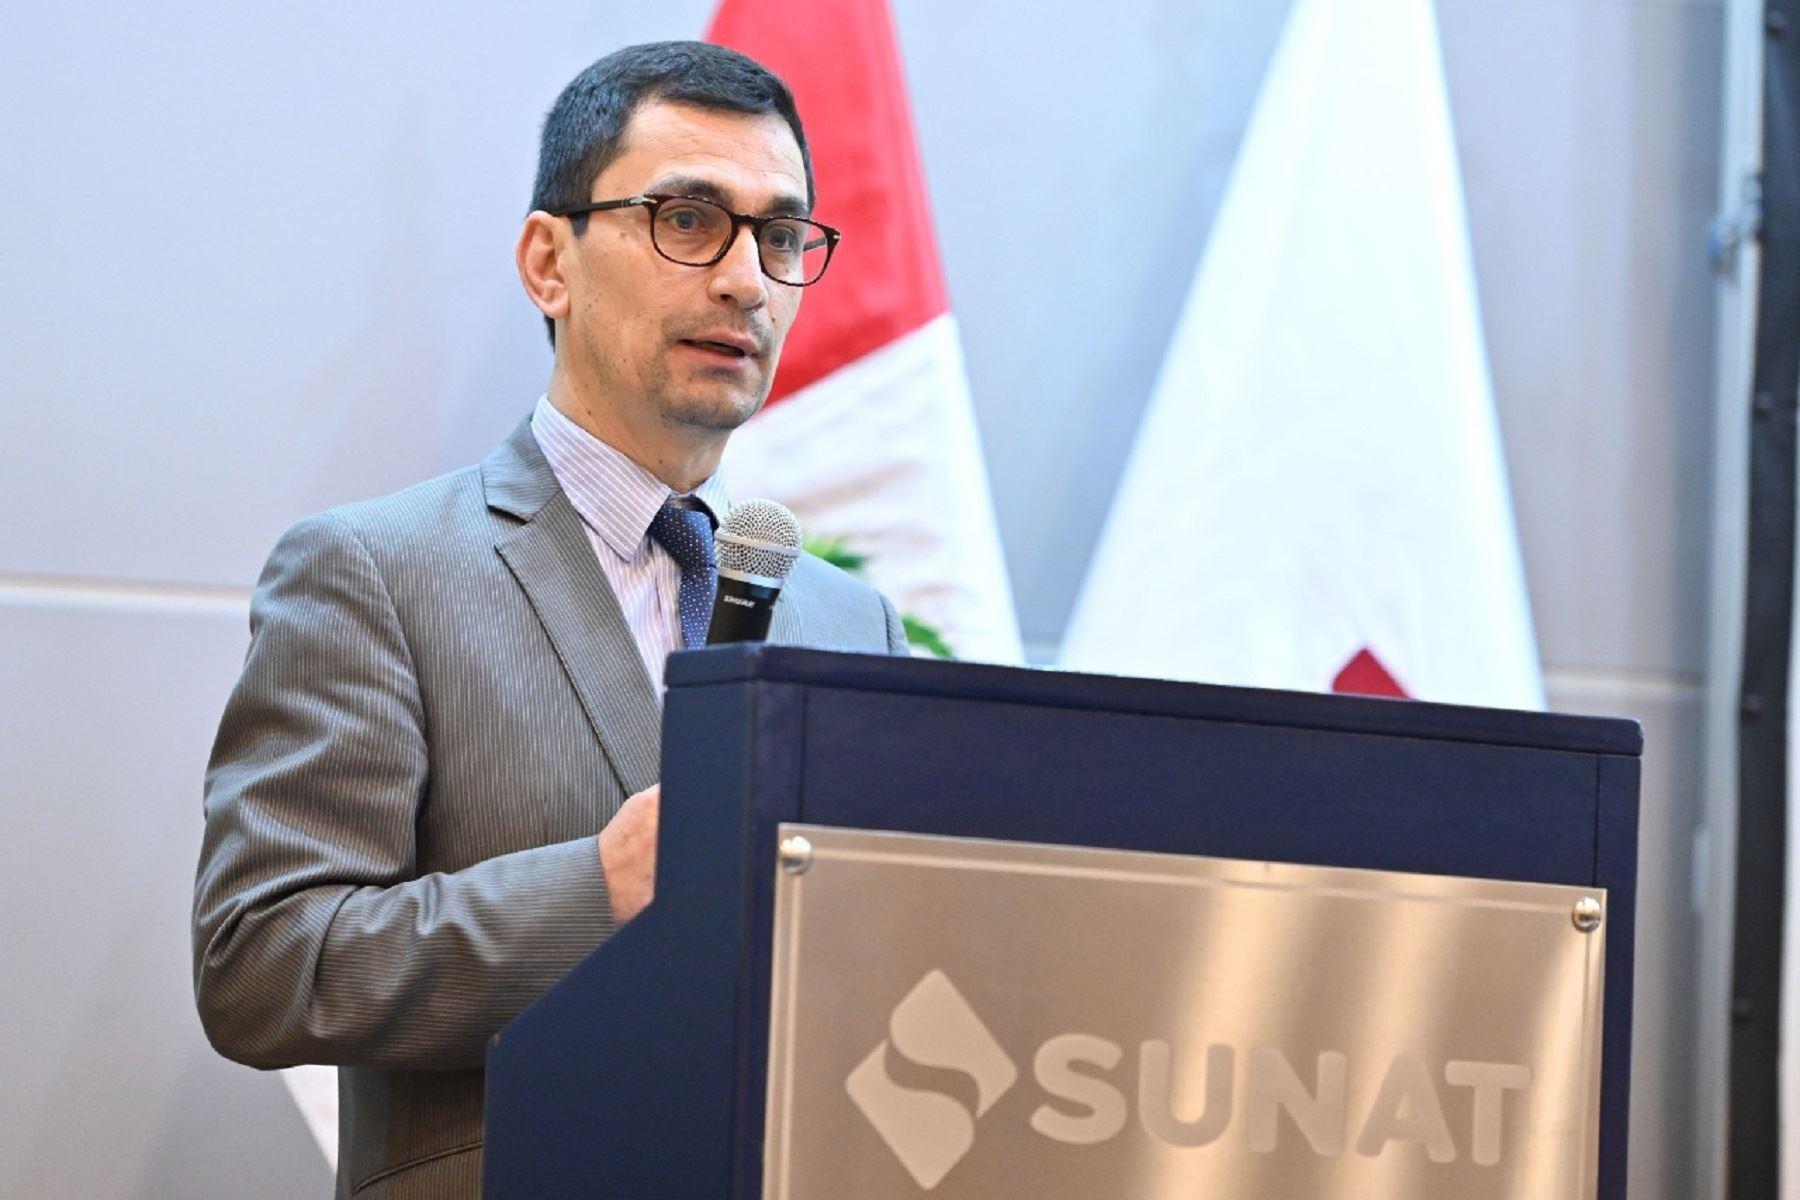 Gobierno ratifica a Luis Vera Castillo como jefe de la Sunat